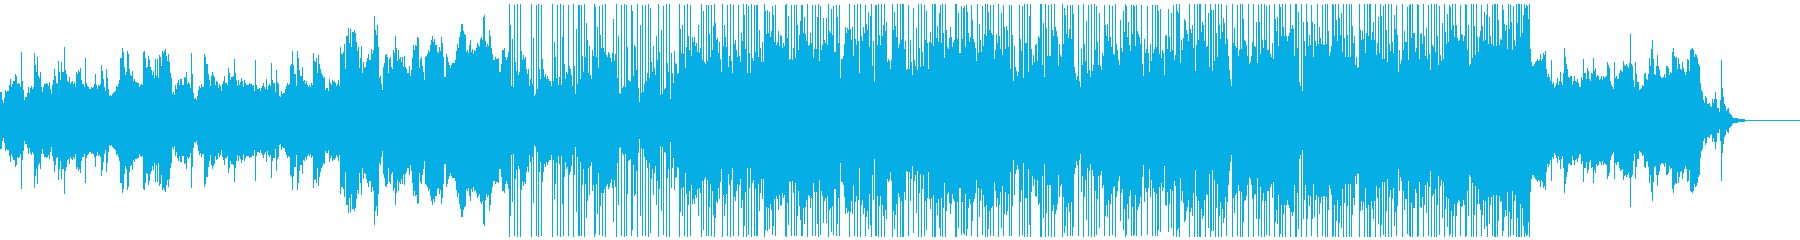 笛と揚琴のテクノの再生済みの波形